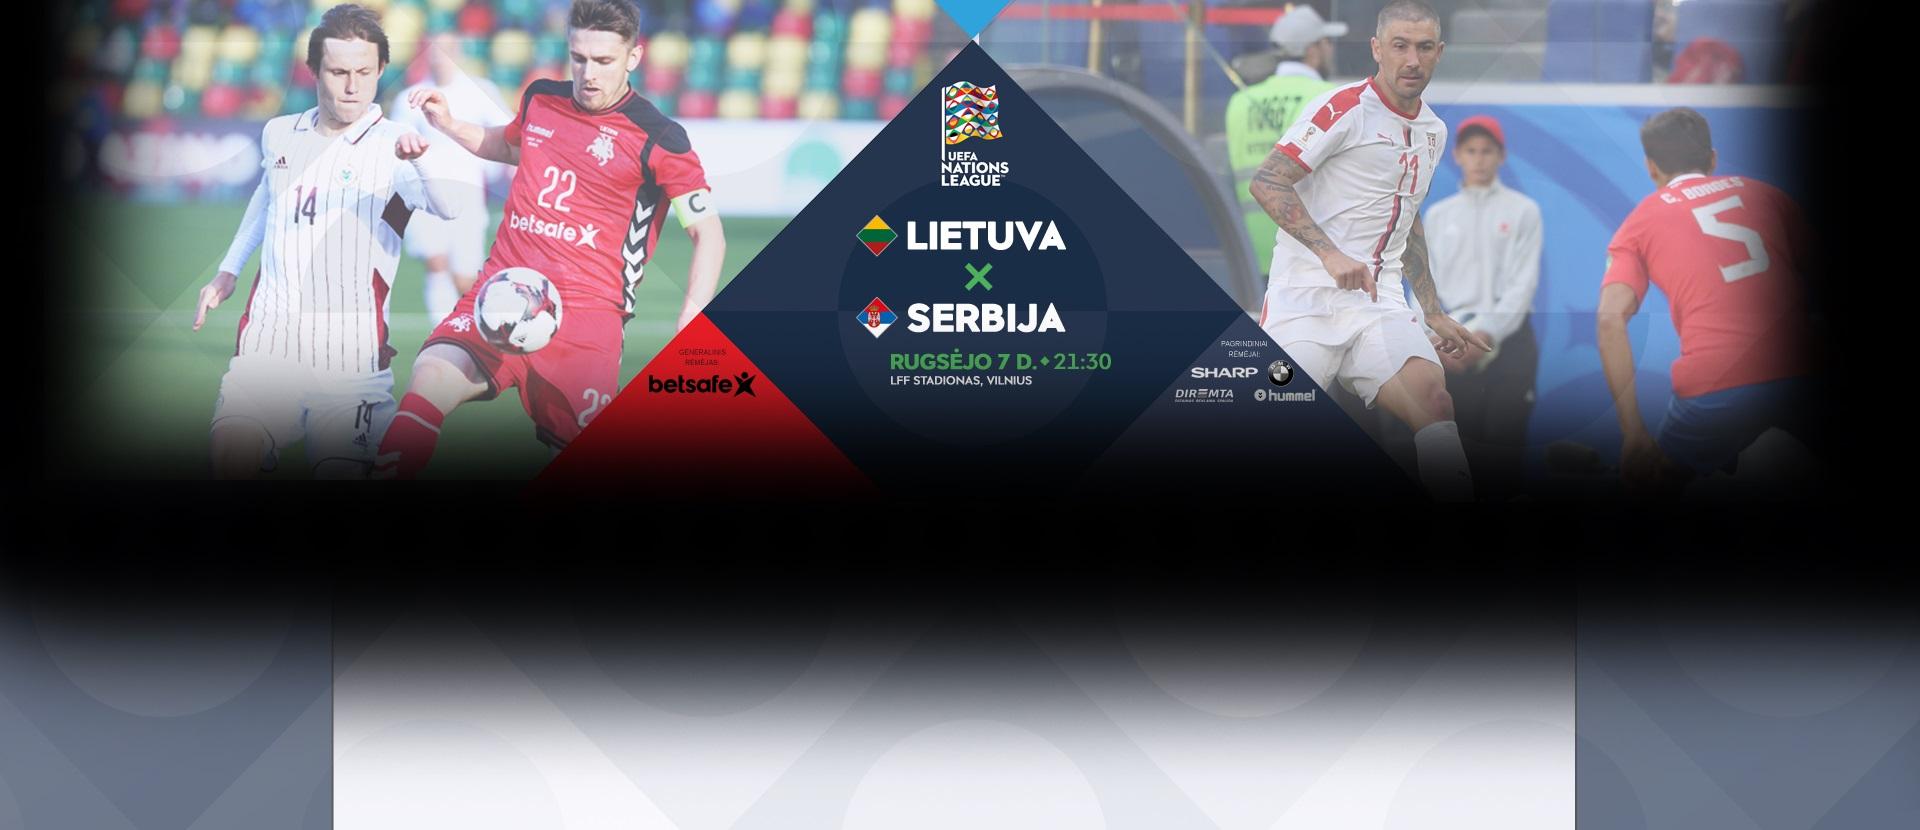 Tautų lygos turnyras: Lietuva – Serbija